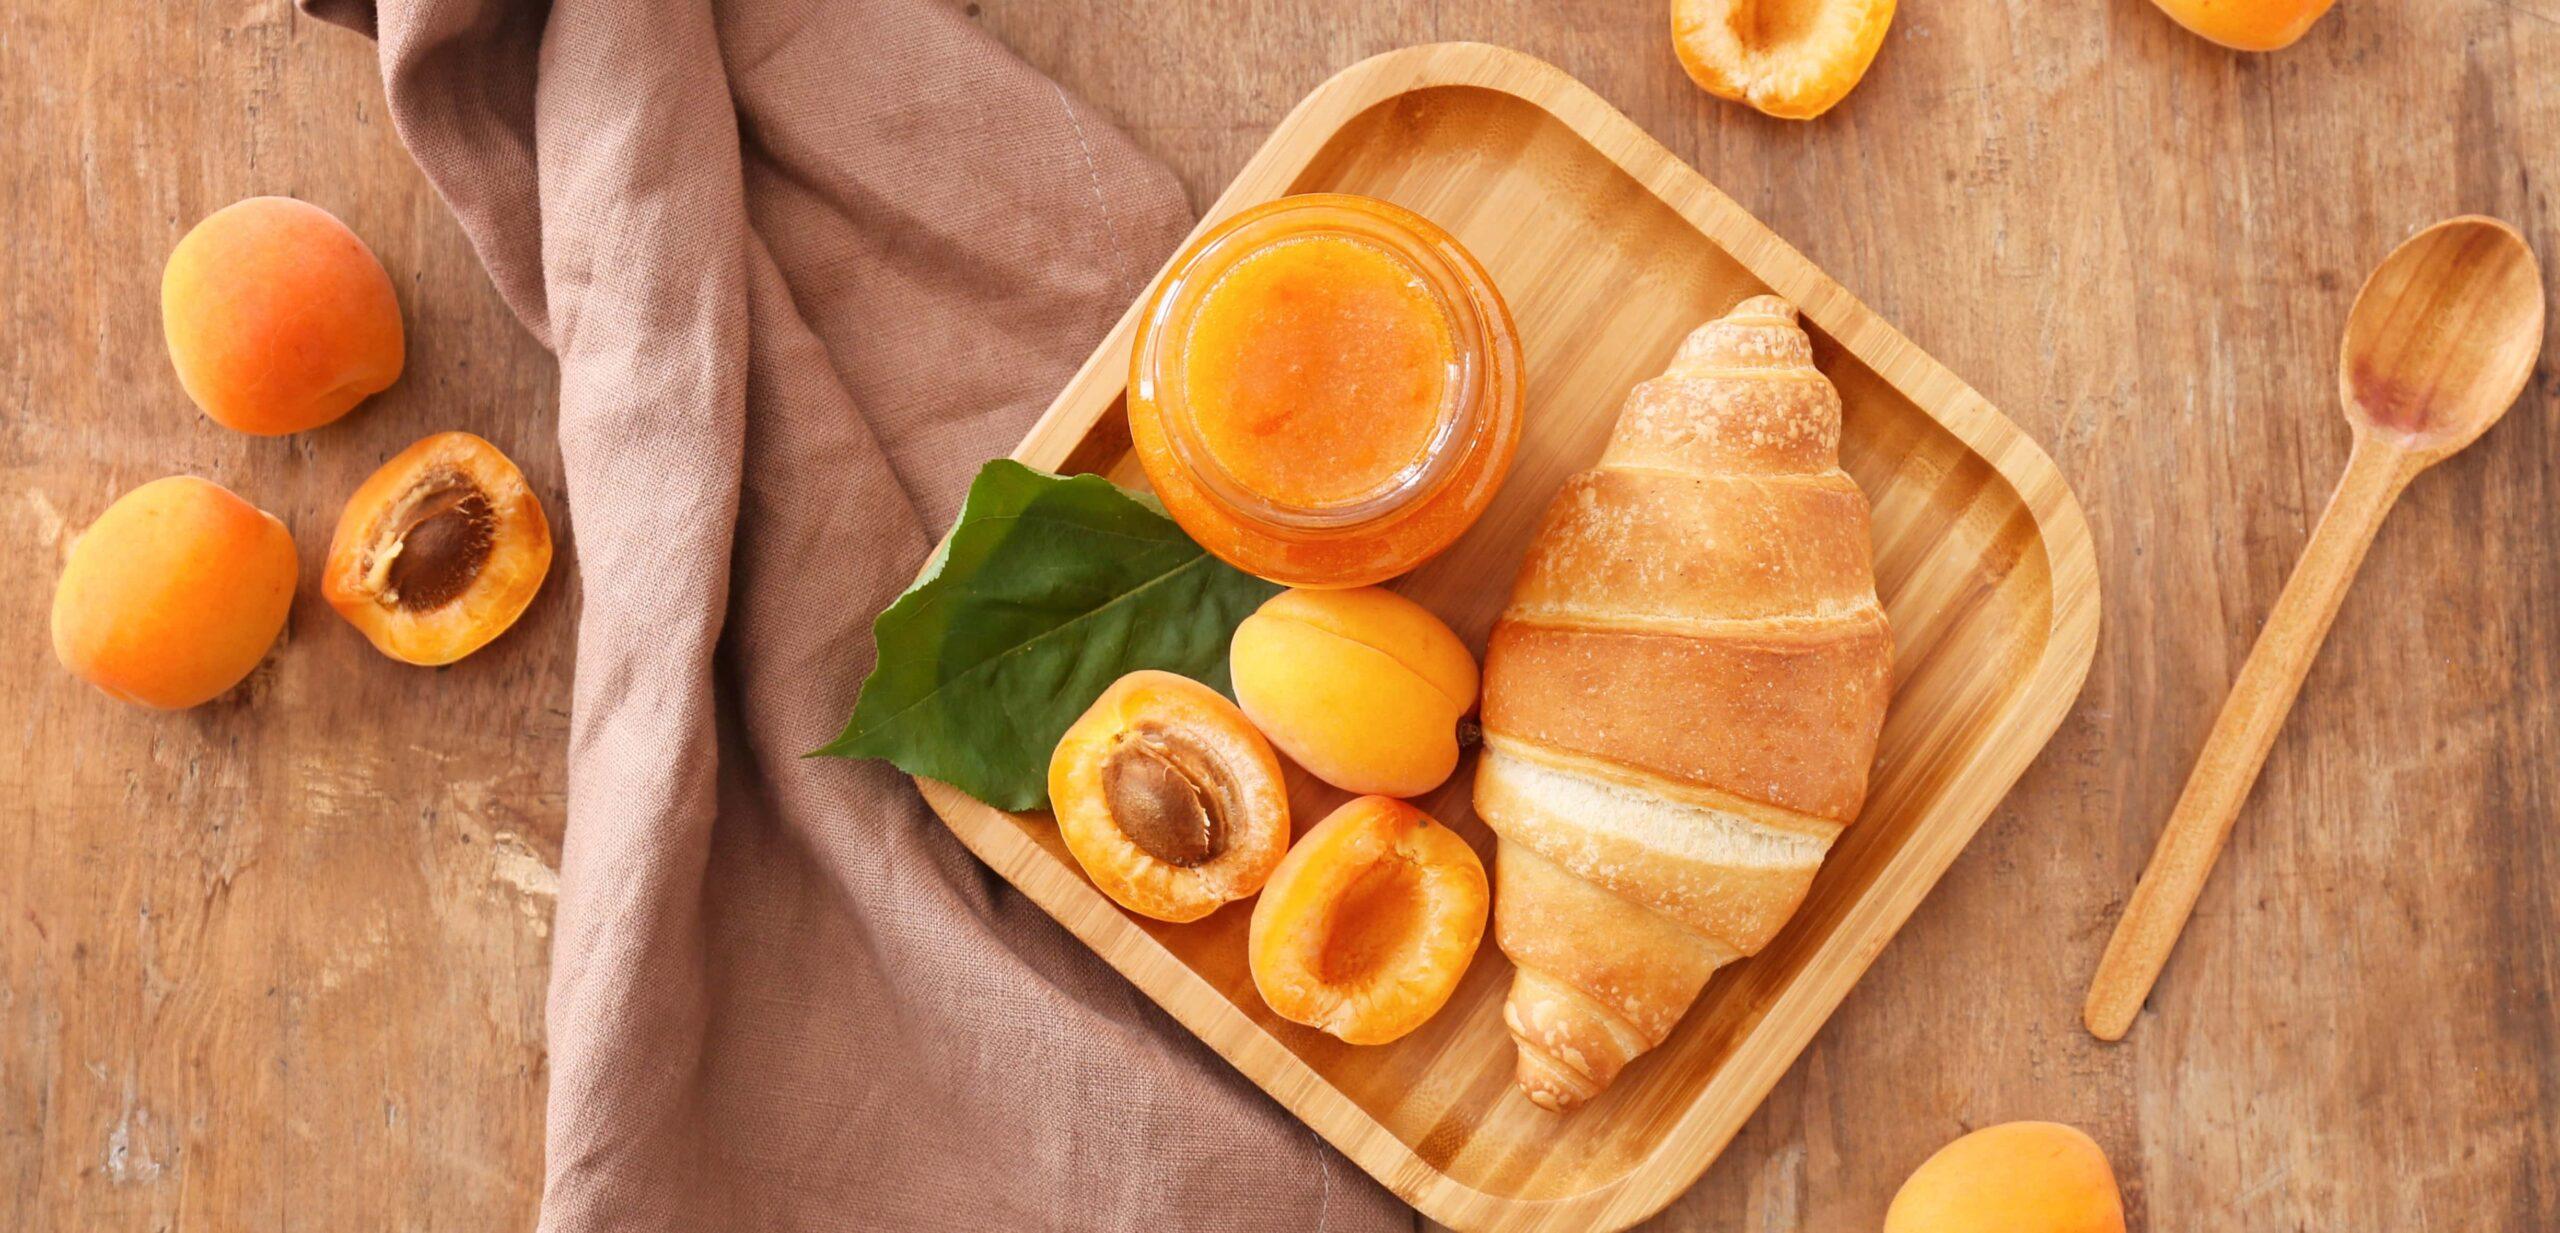 albicocche benefici e proprietà nutrizionali nella dieta